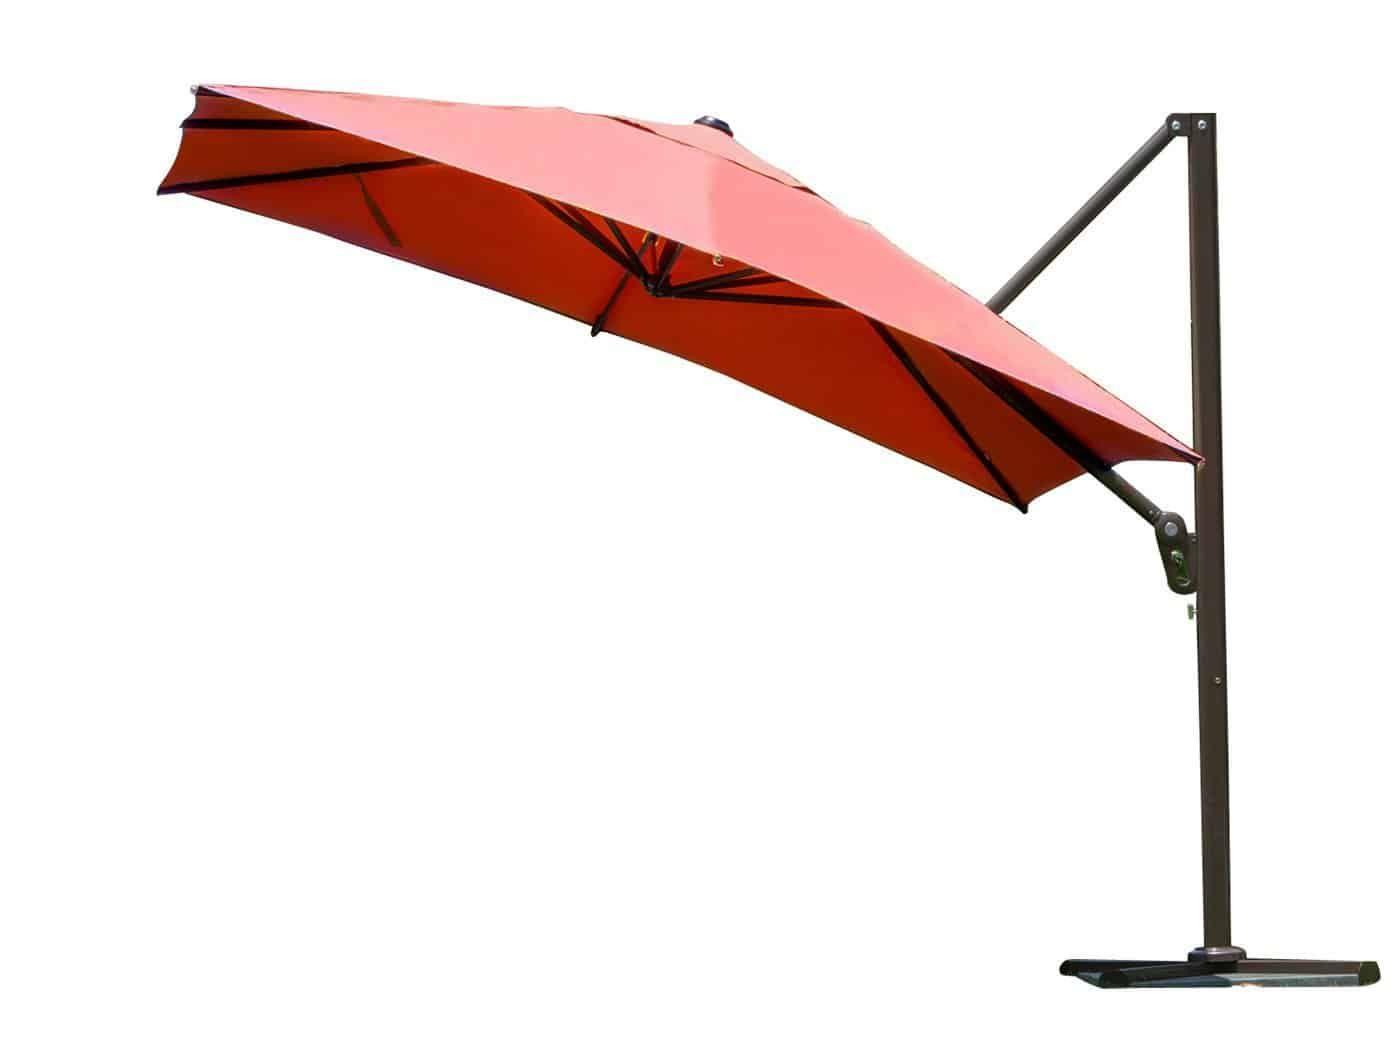 Top 15 Best Offset Patio Umbrellas In 2020 Reviews Offset Patio Umbrella Patio Cantilever Patio Umbrella